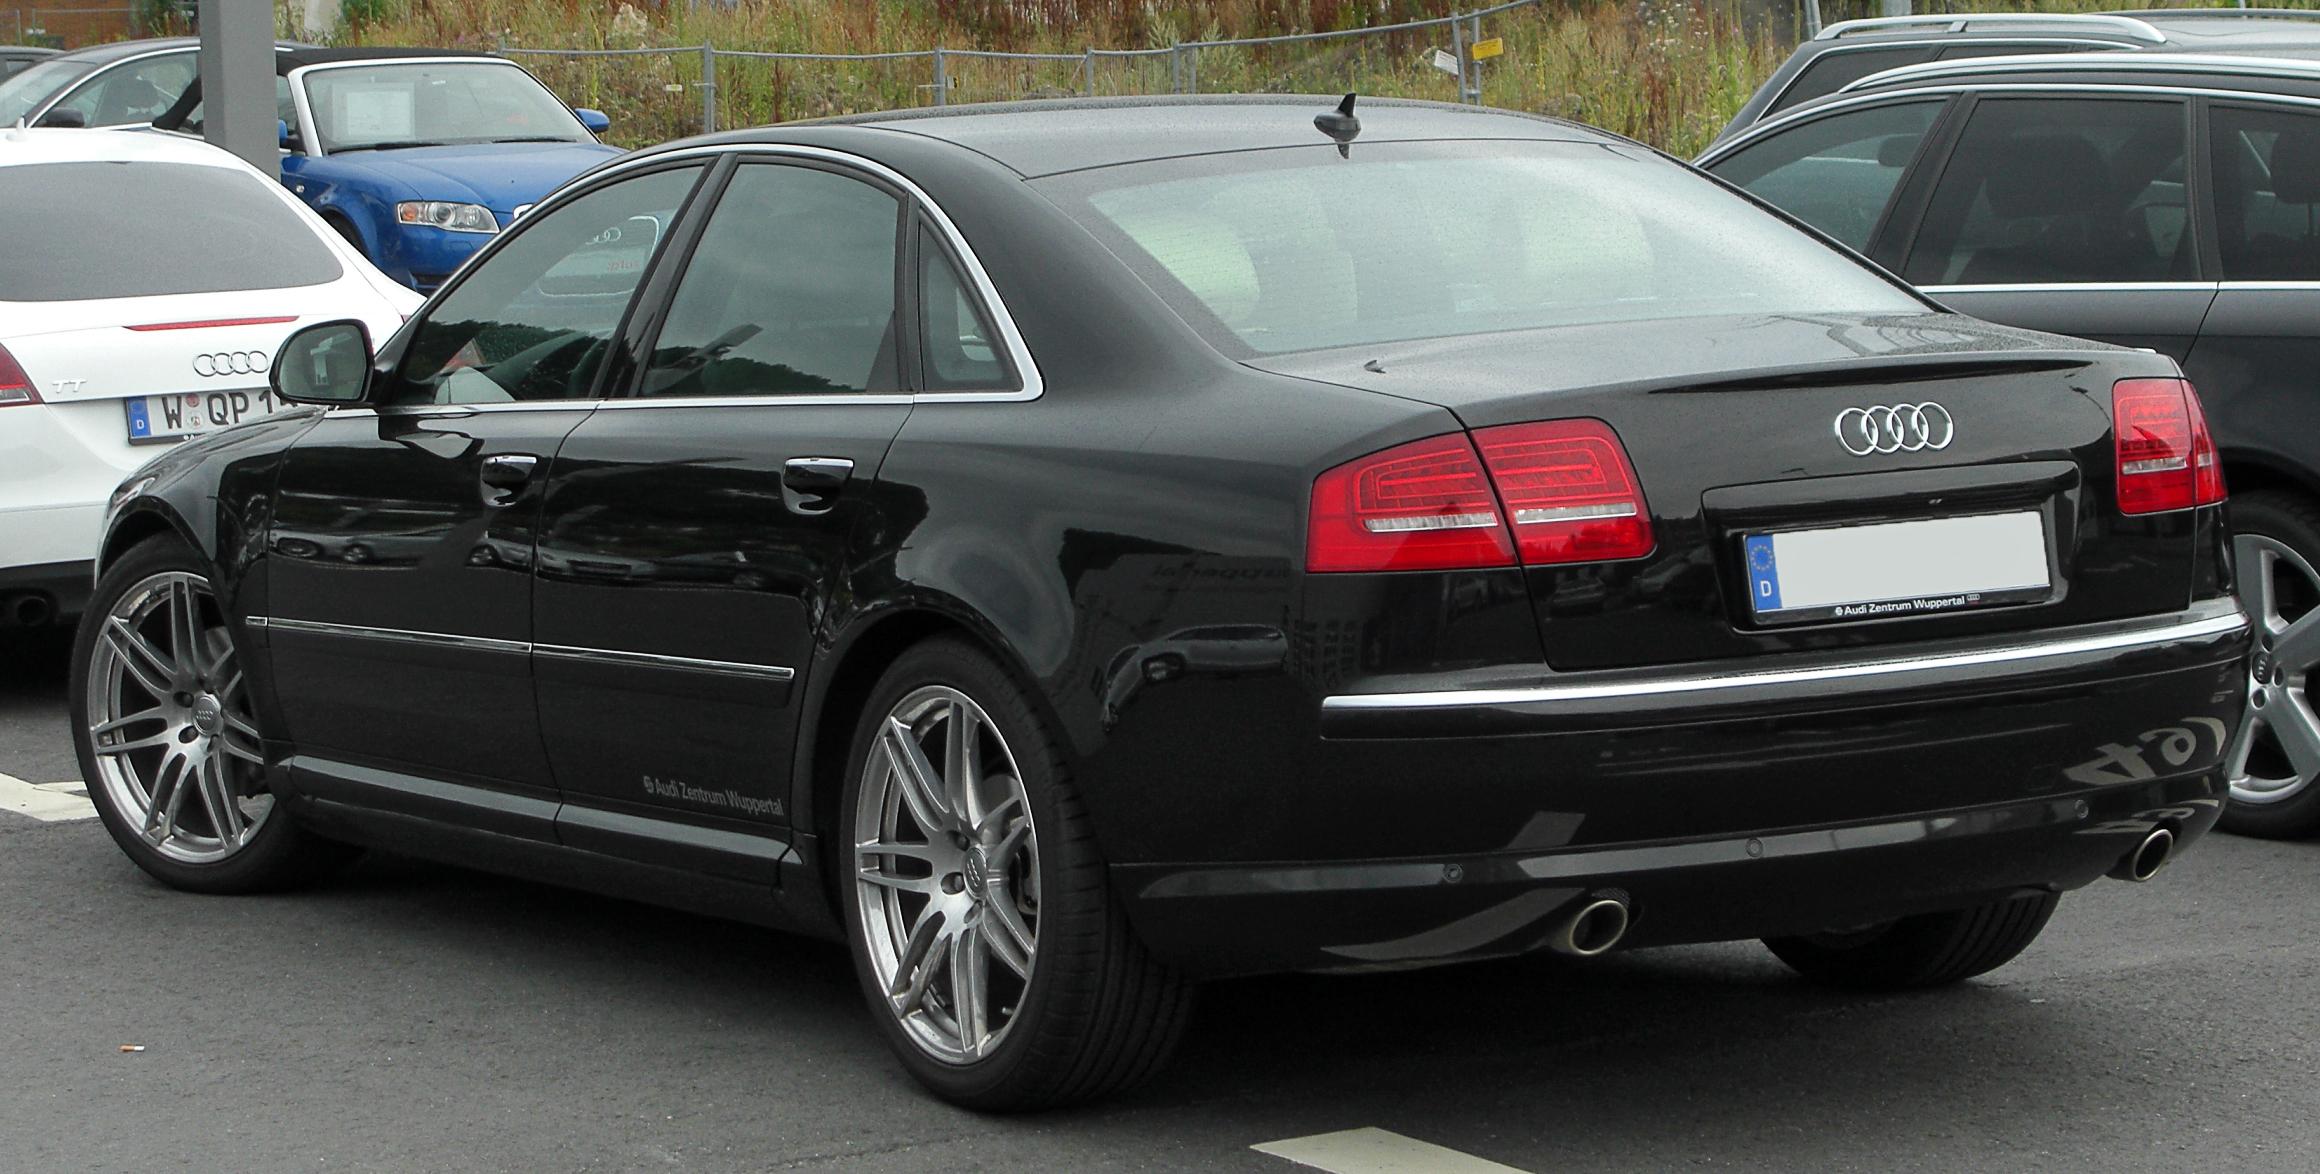 File Audi A8 D3 Ii Facelift Rear 20100725 Jpg Wikimedia